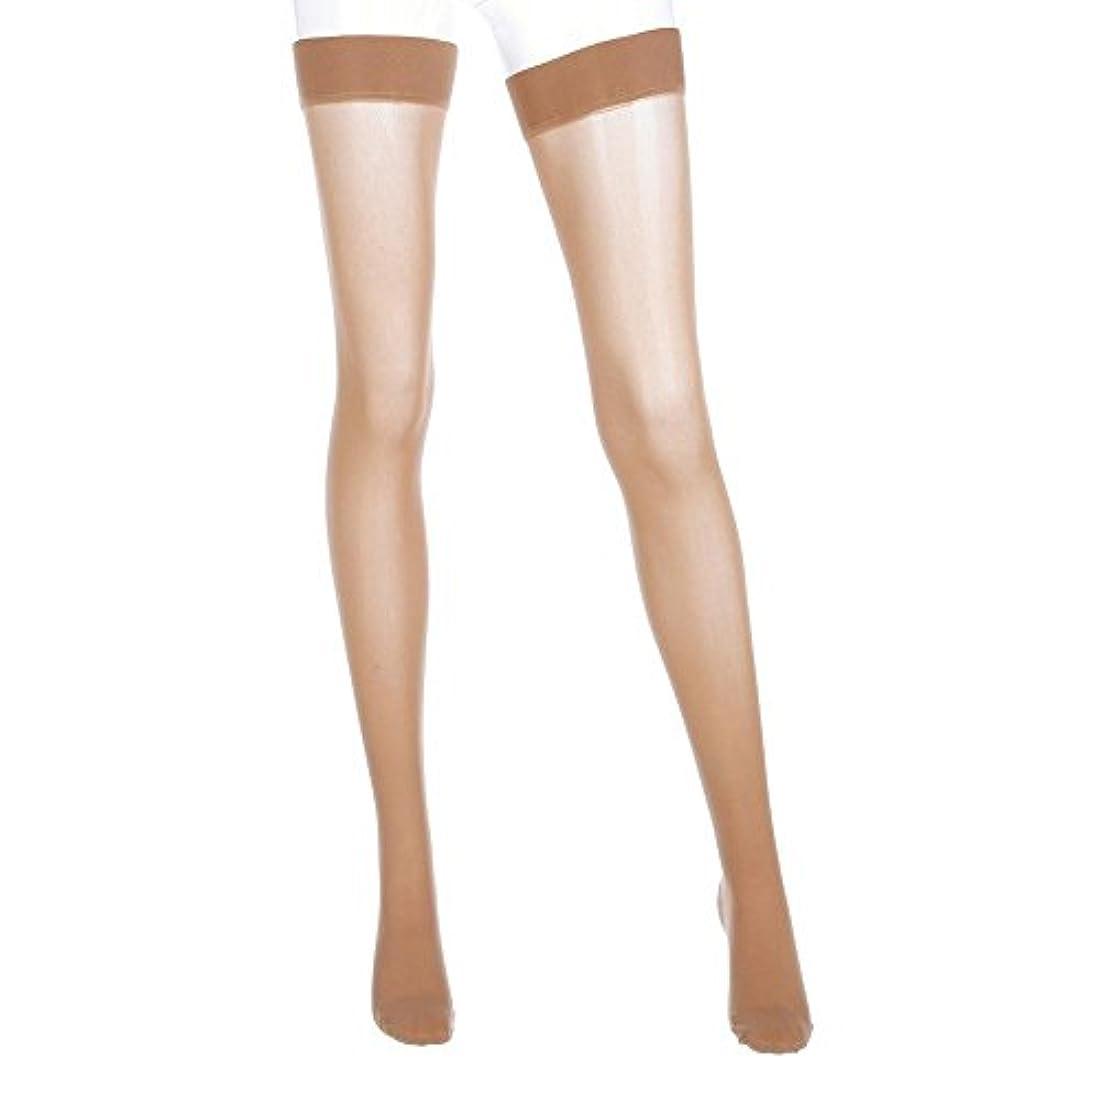 部分的ラジウム六月Mediven Assure, Closed Toe, with top band, 16-20 mmHg, Thigh High Compression Stocking, Medium, Beige by Mediven